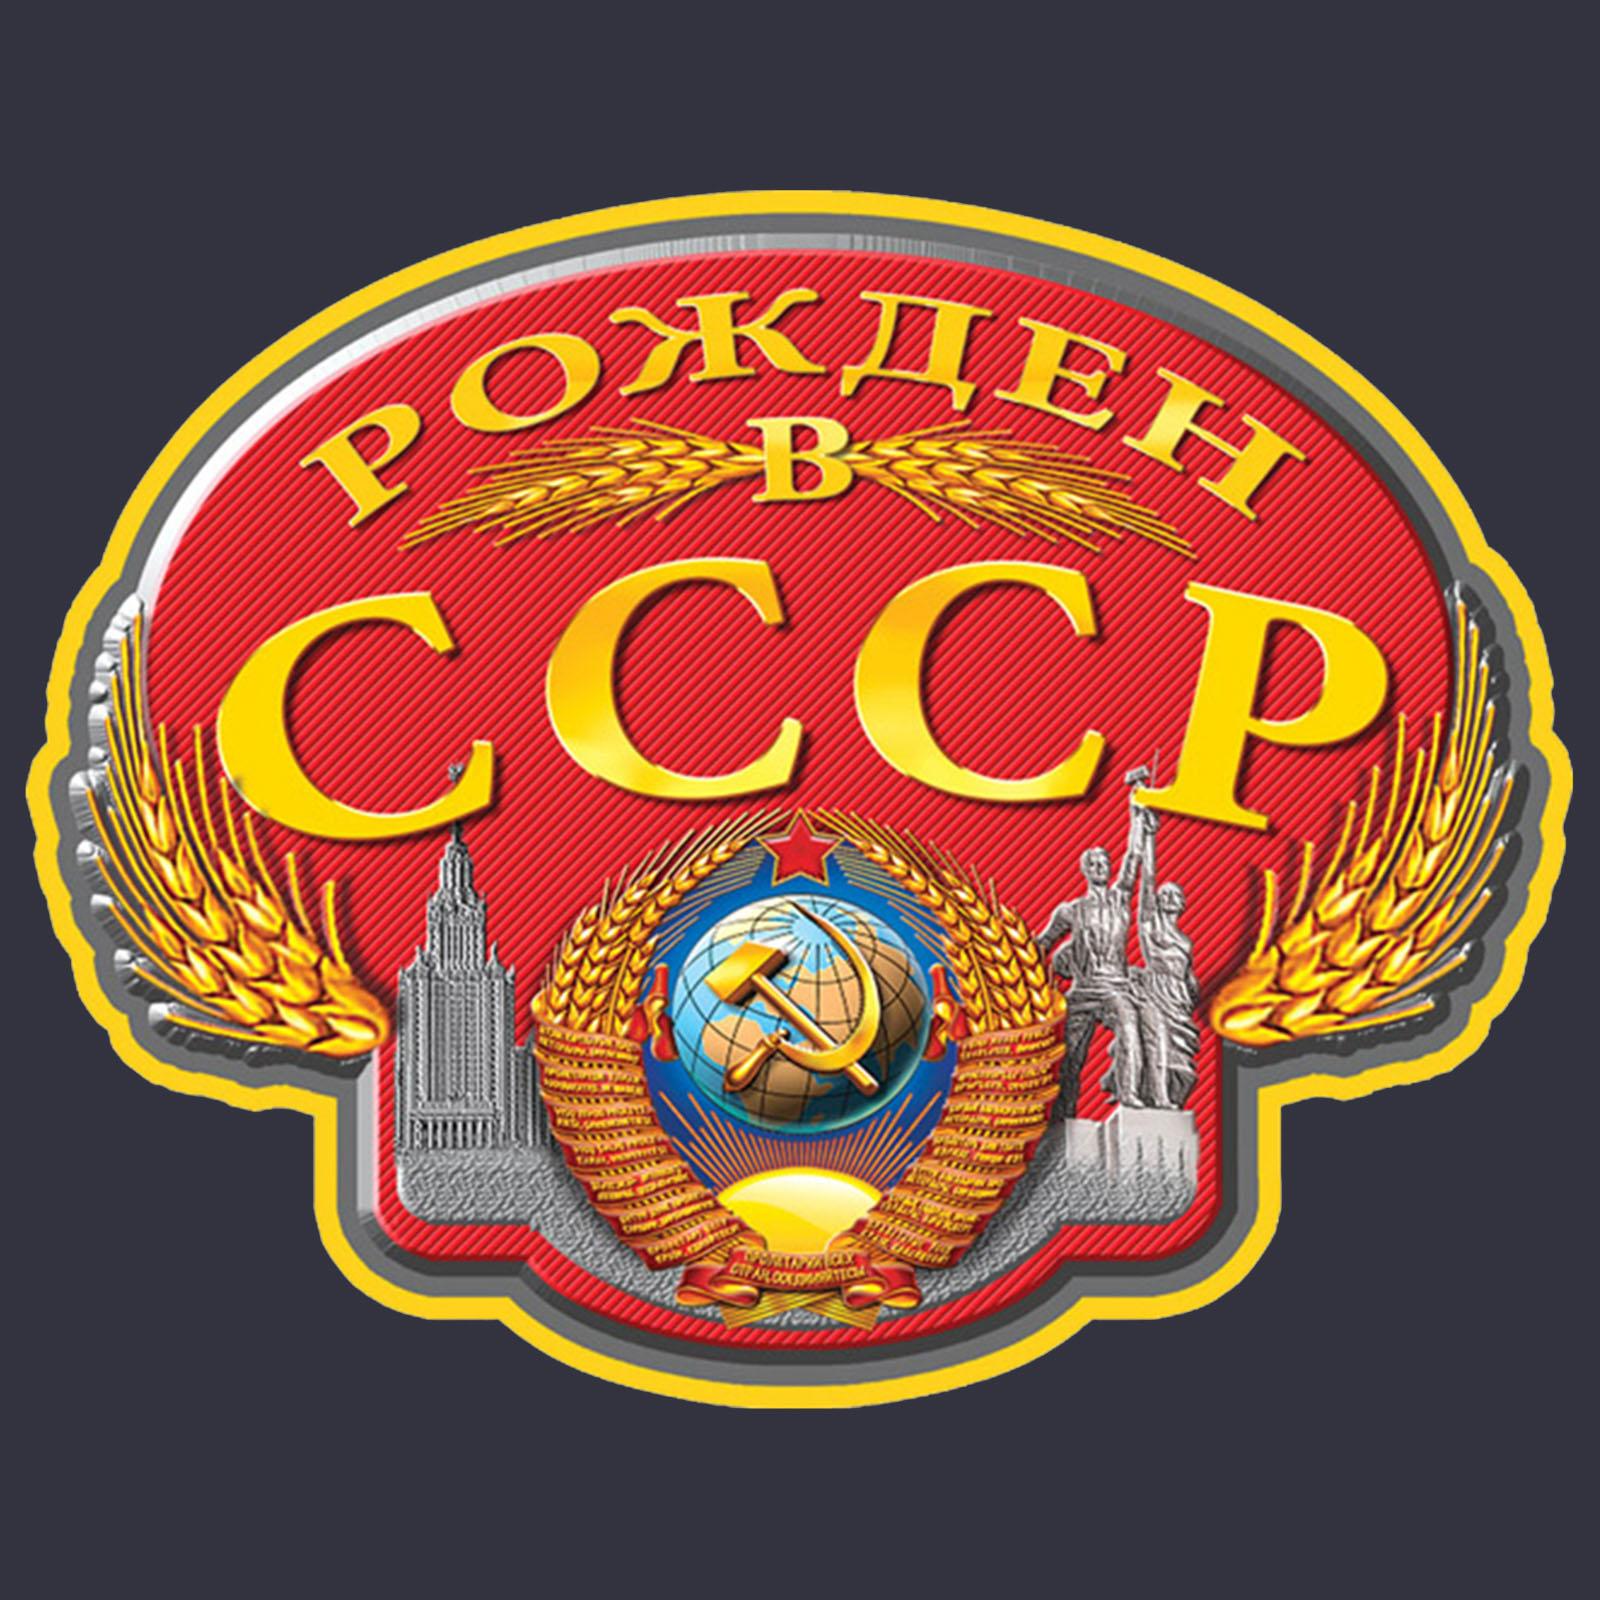 Купить практичную темно-синюю бейсболку с термонаклейкой Рожден в СССР оптом или в розницу